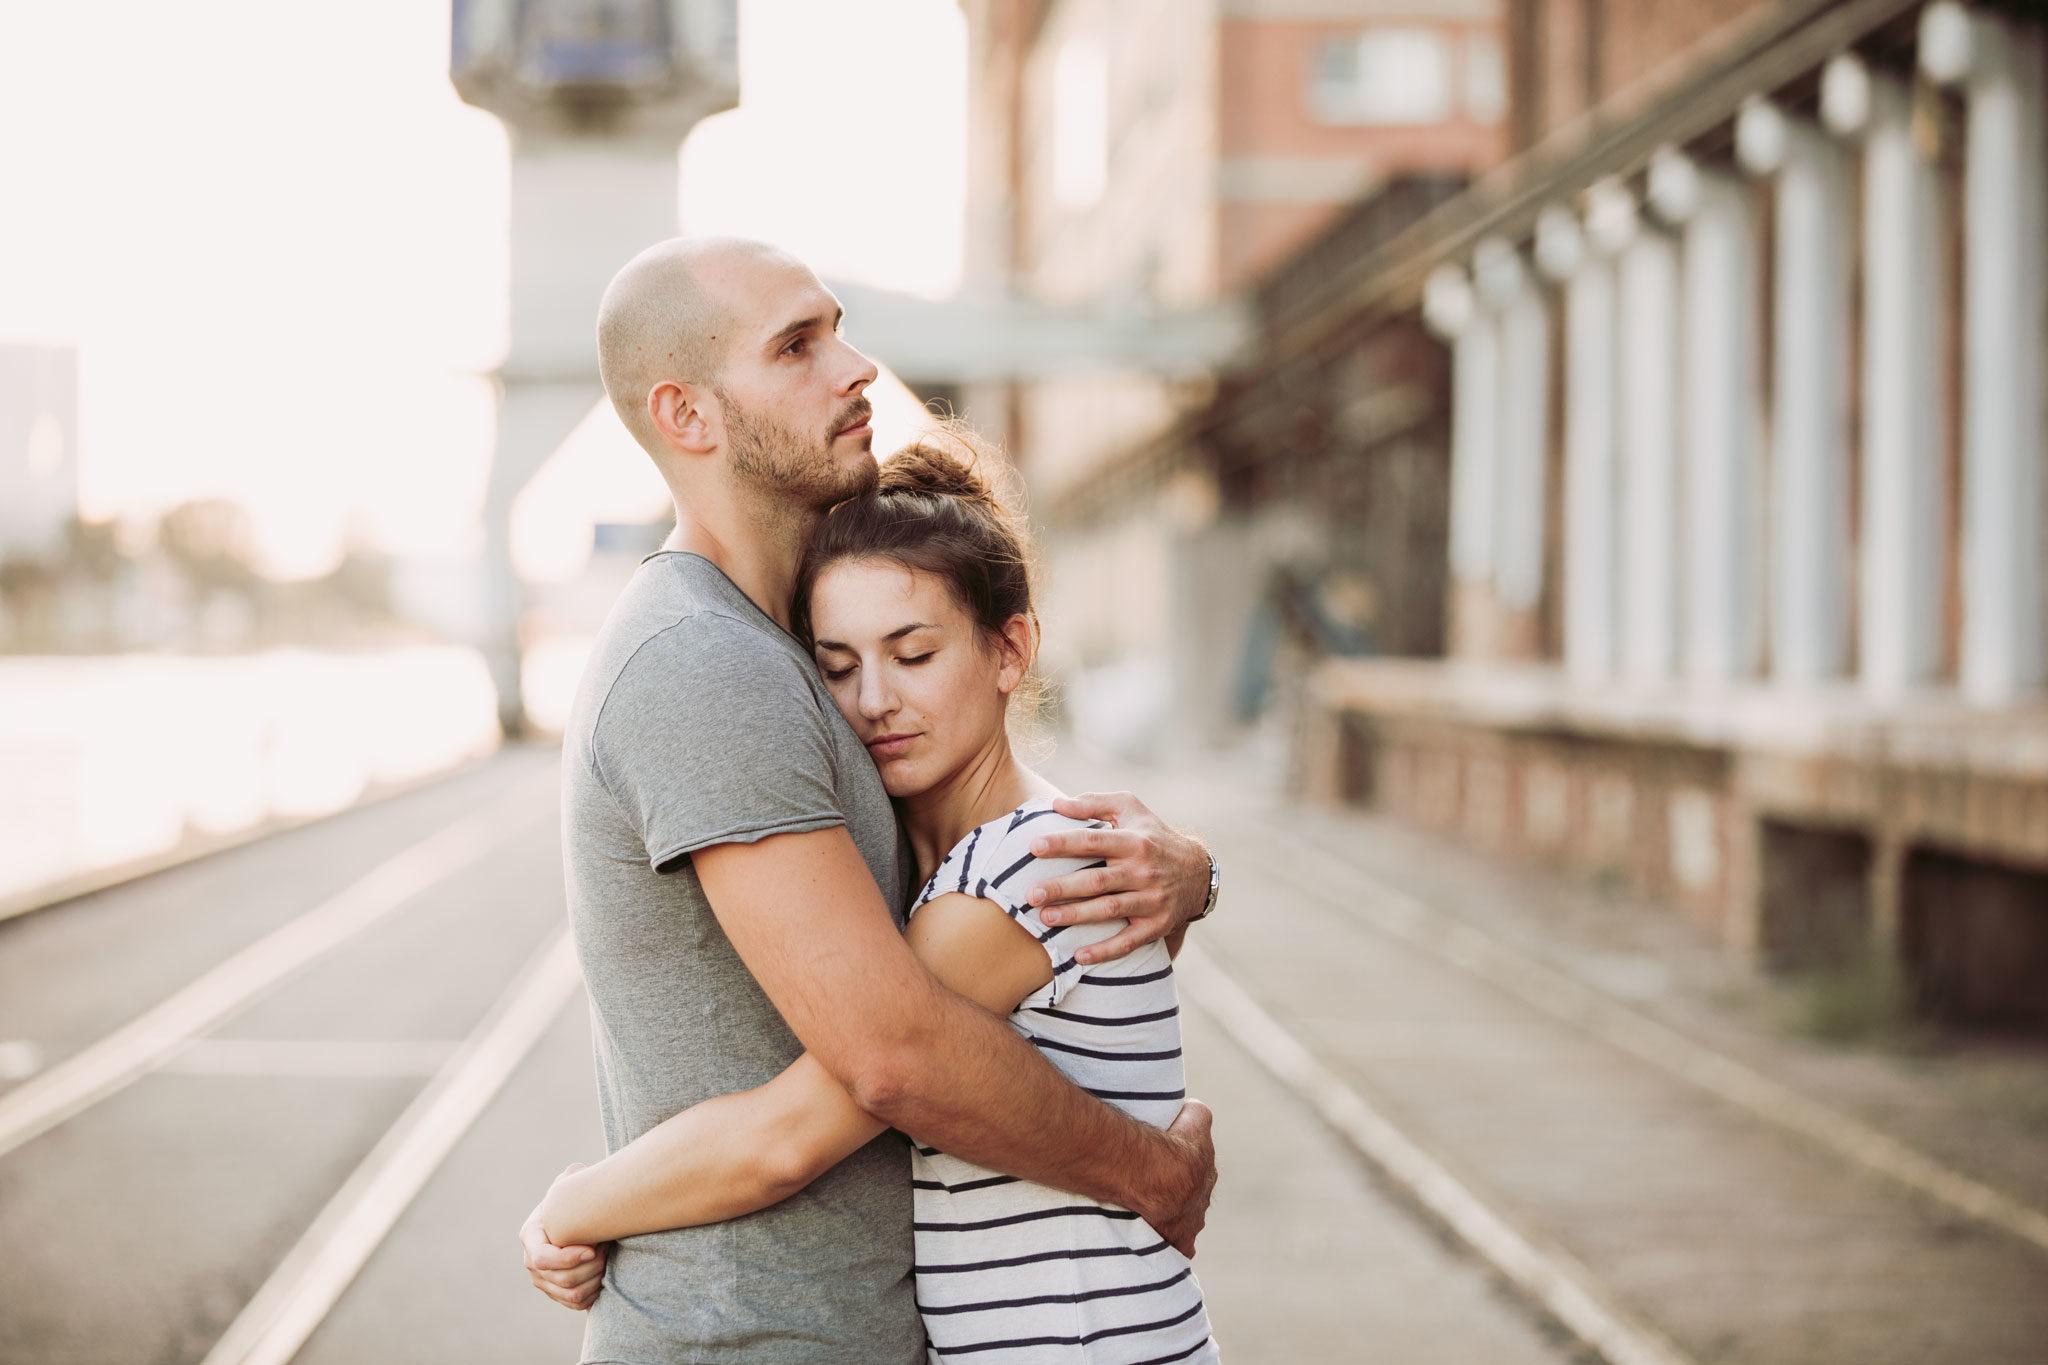 junges Paar steht engumschlungen in einer Industrielandschaft, Kai oder Hafen. Die junge Frau hat Ihren Kopf an die Brust des Mannes gelegt und die Augen geschlossen. Portfolio, Portraits